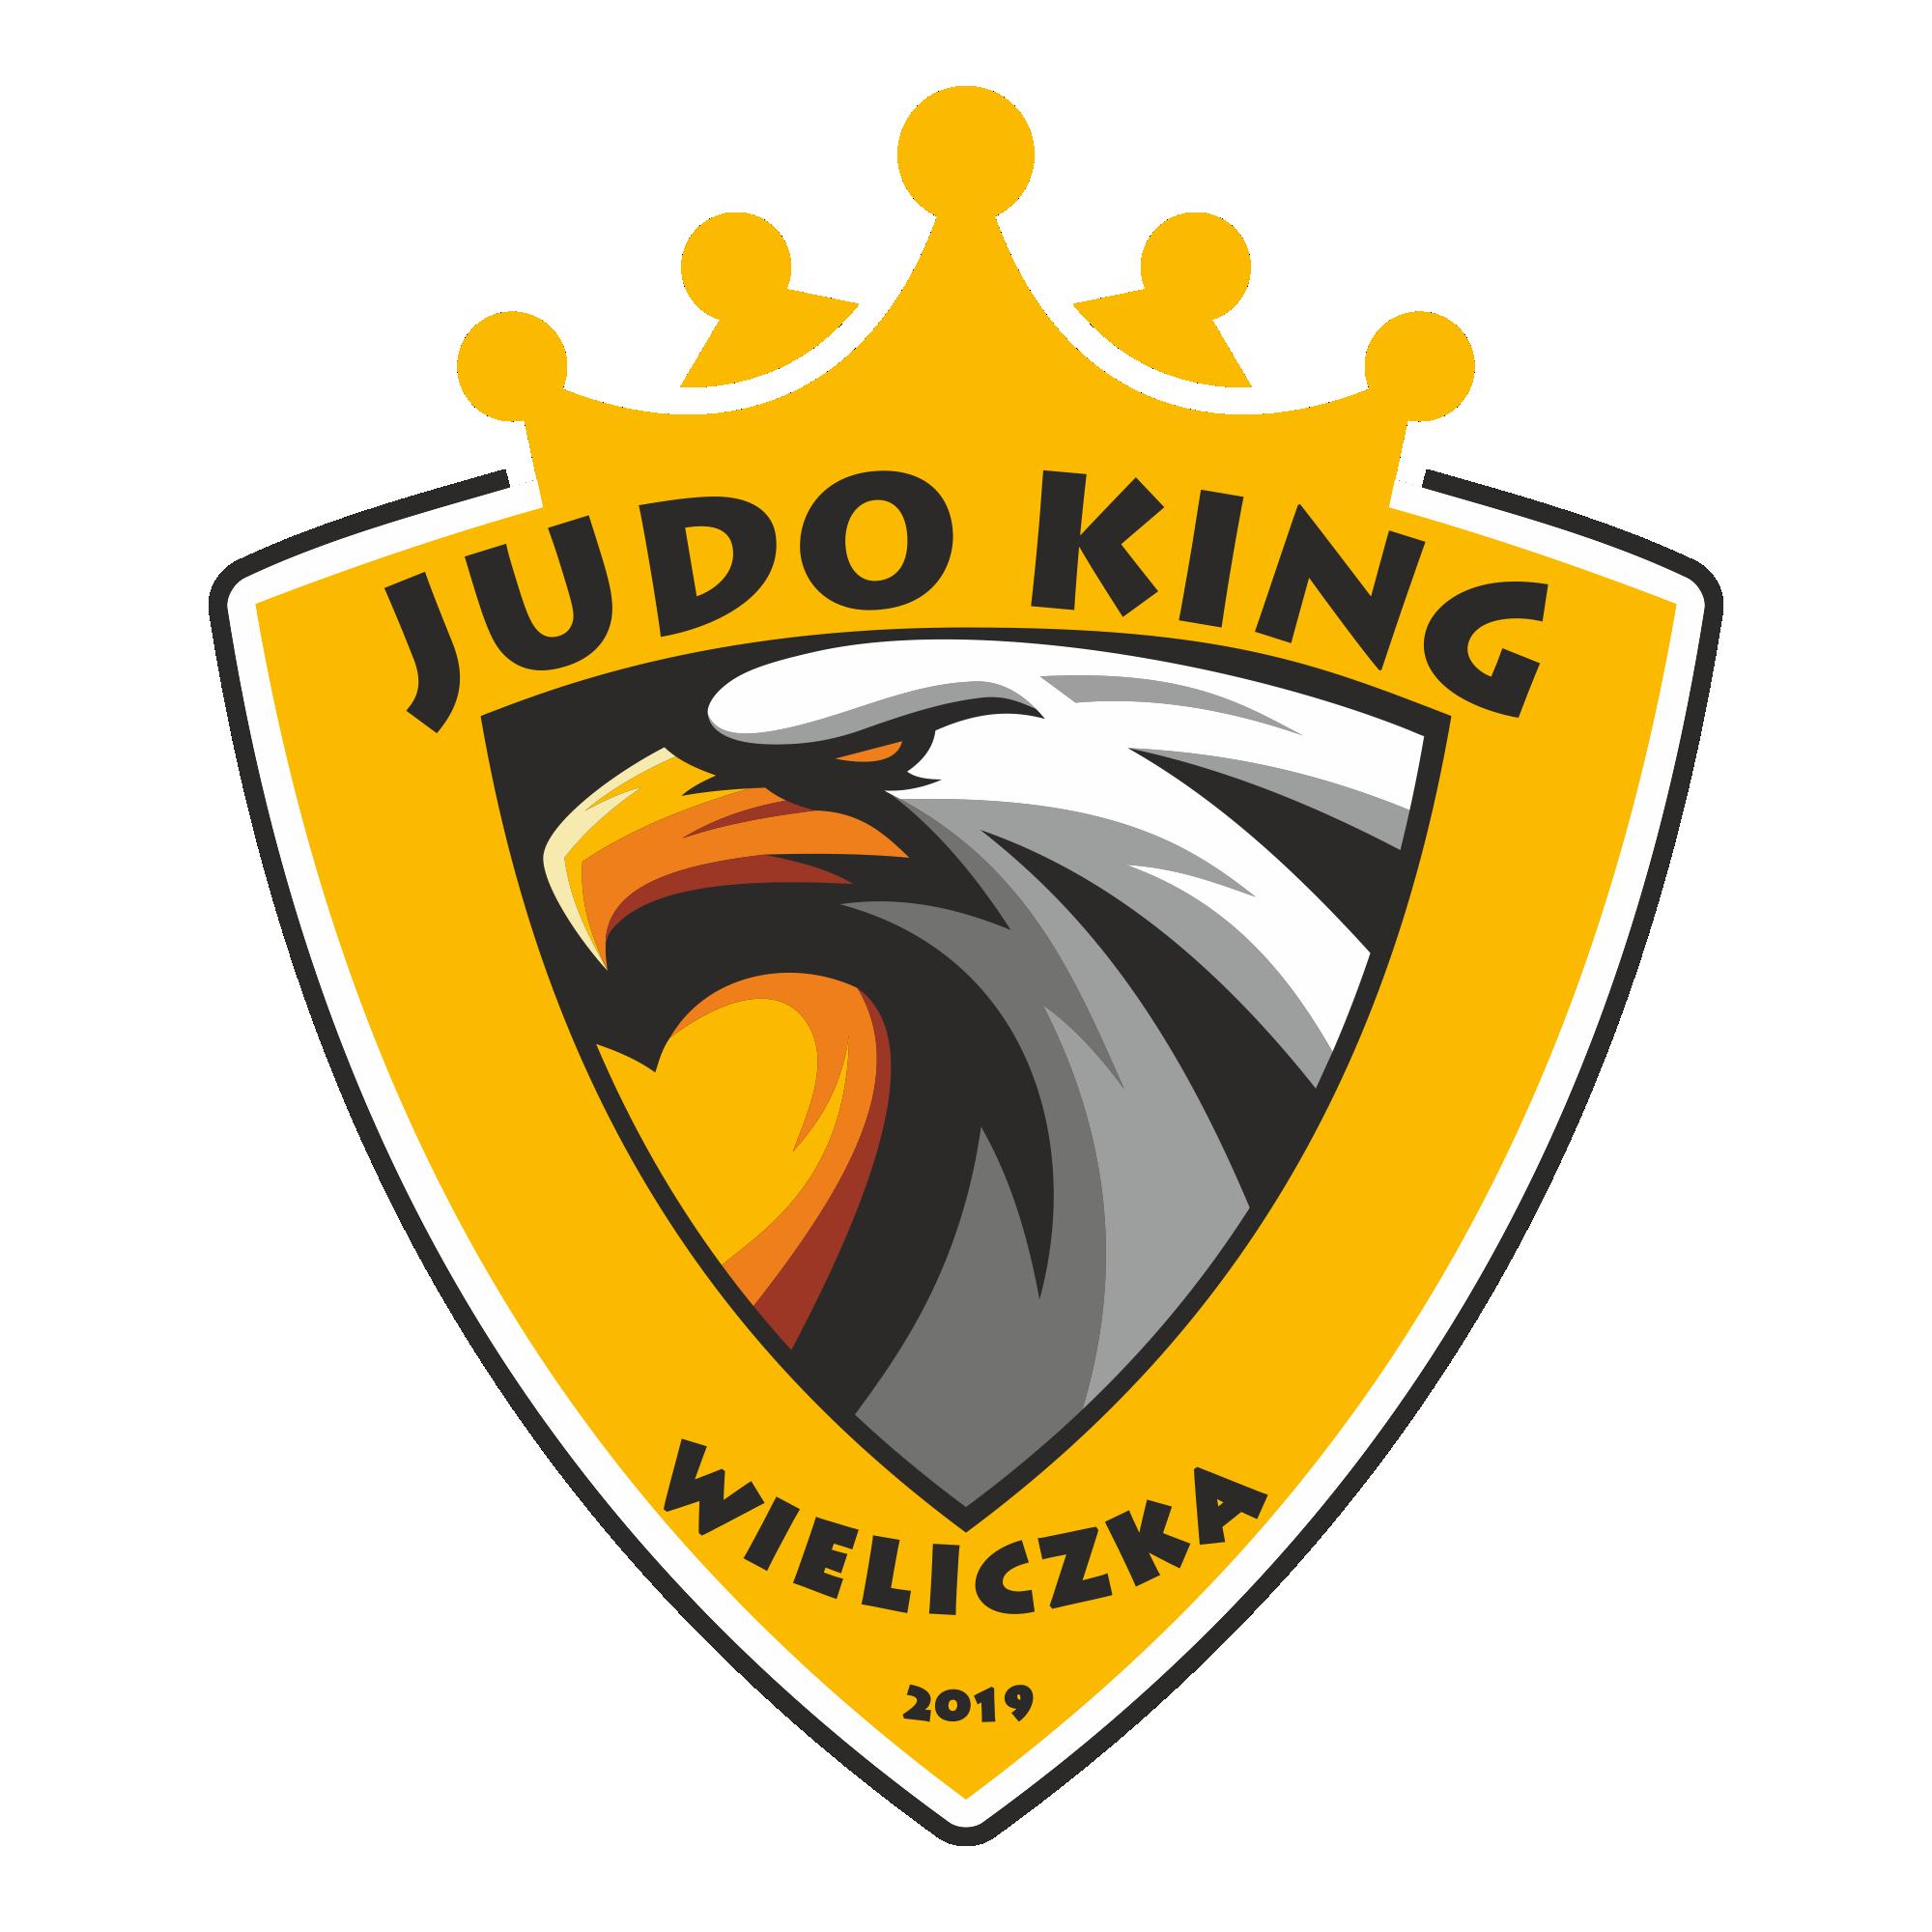 Judo King Wieliczka